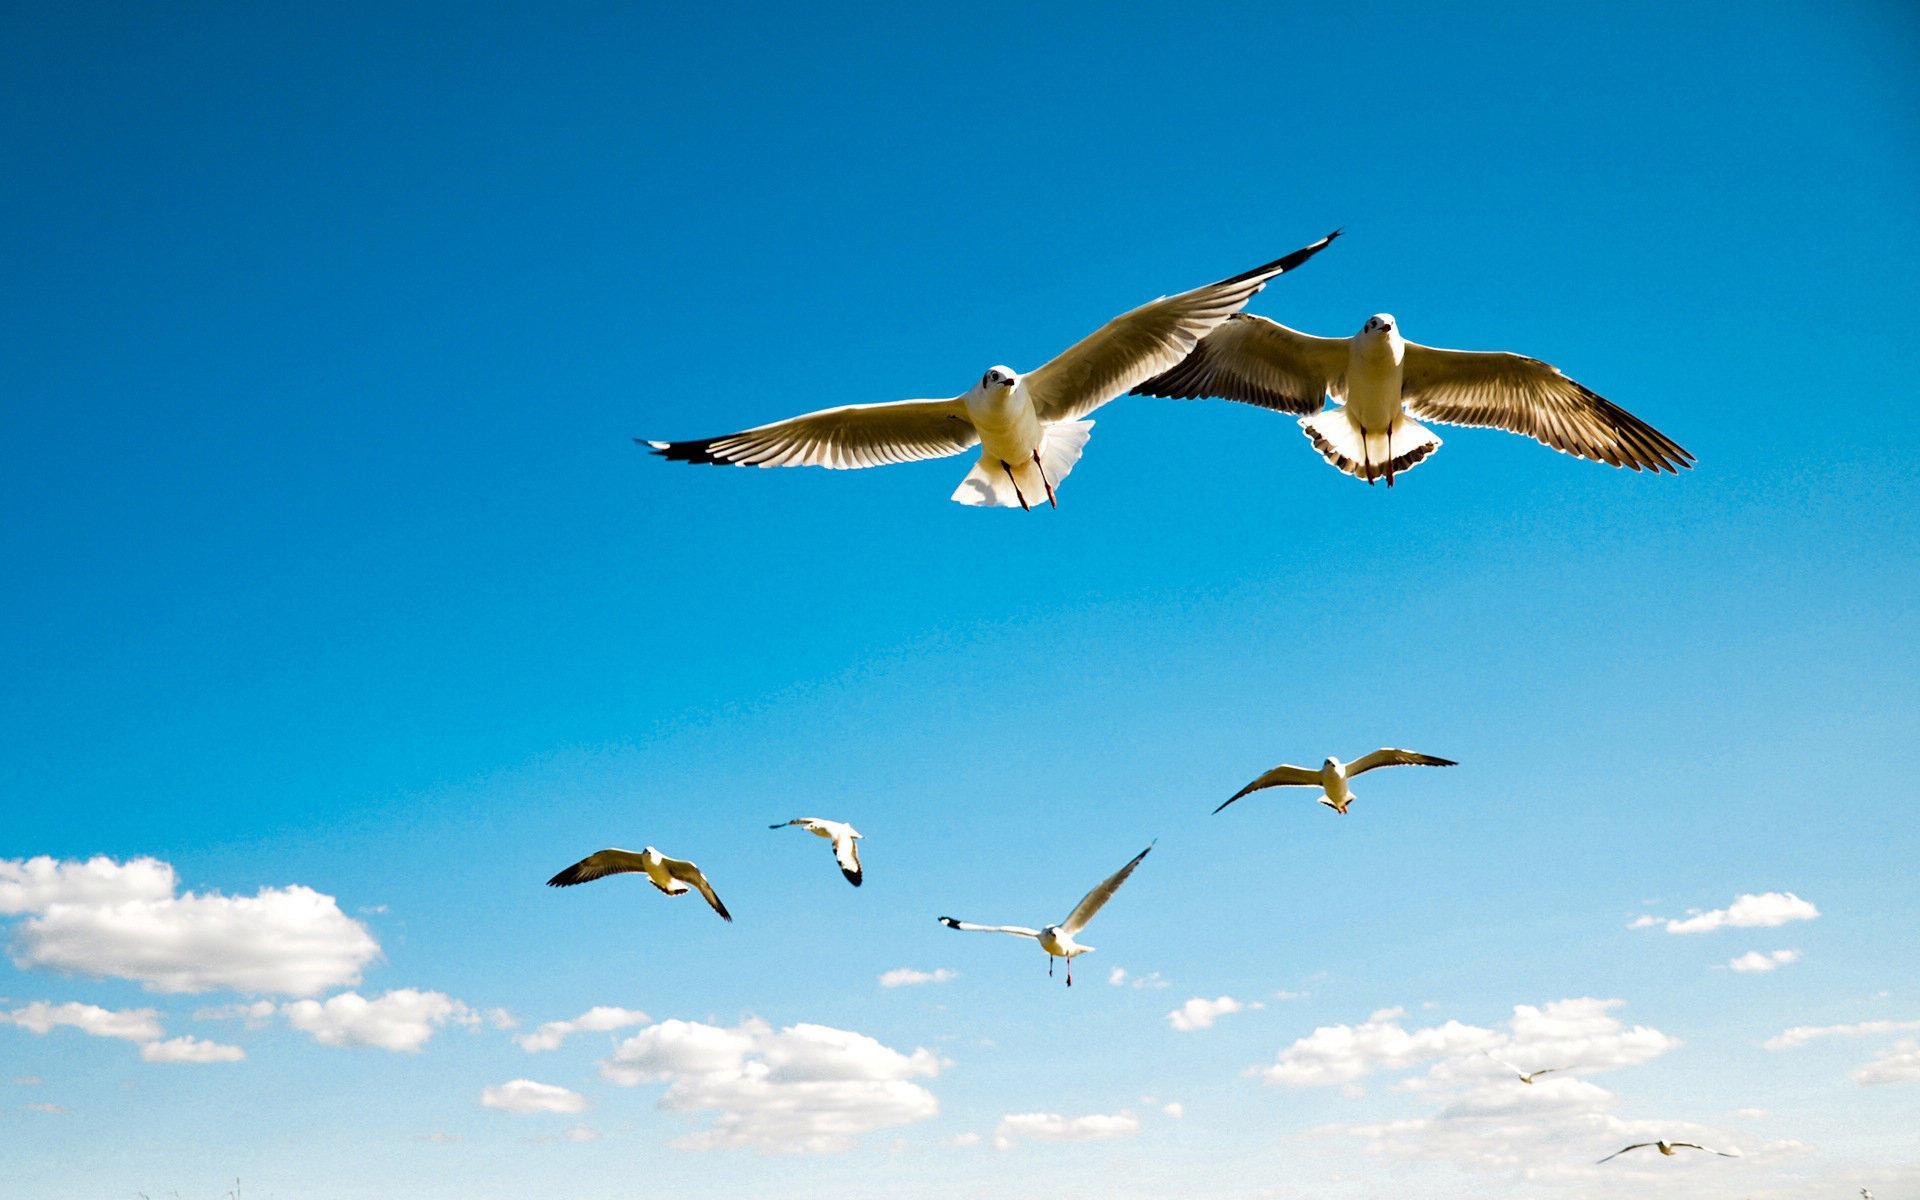 展开艺术想象翅膀  创造诗境凌空翱翔 ——浅谈写诗的想象(作者:周   波)